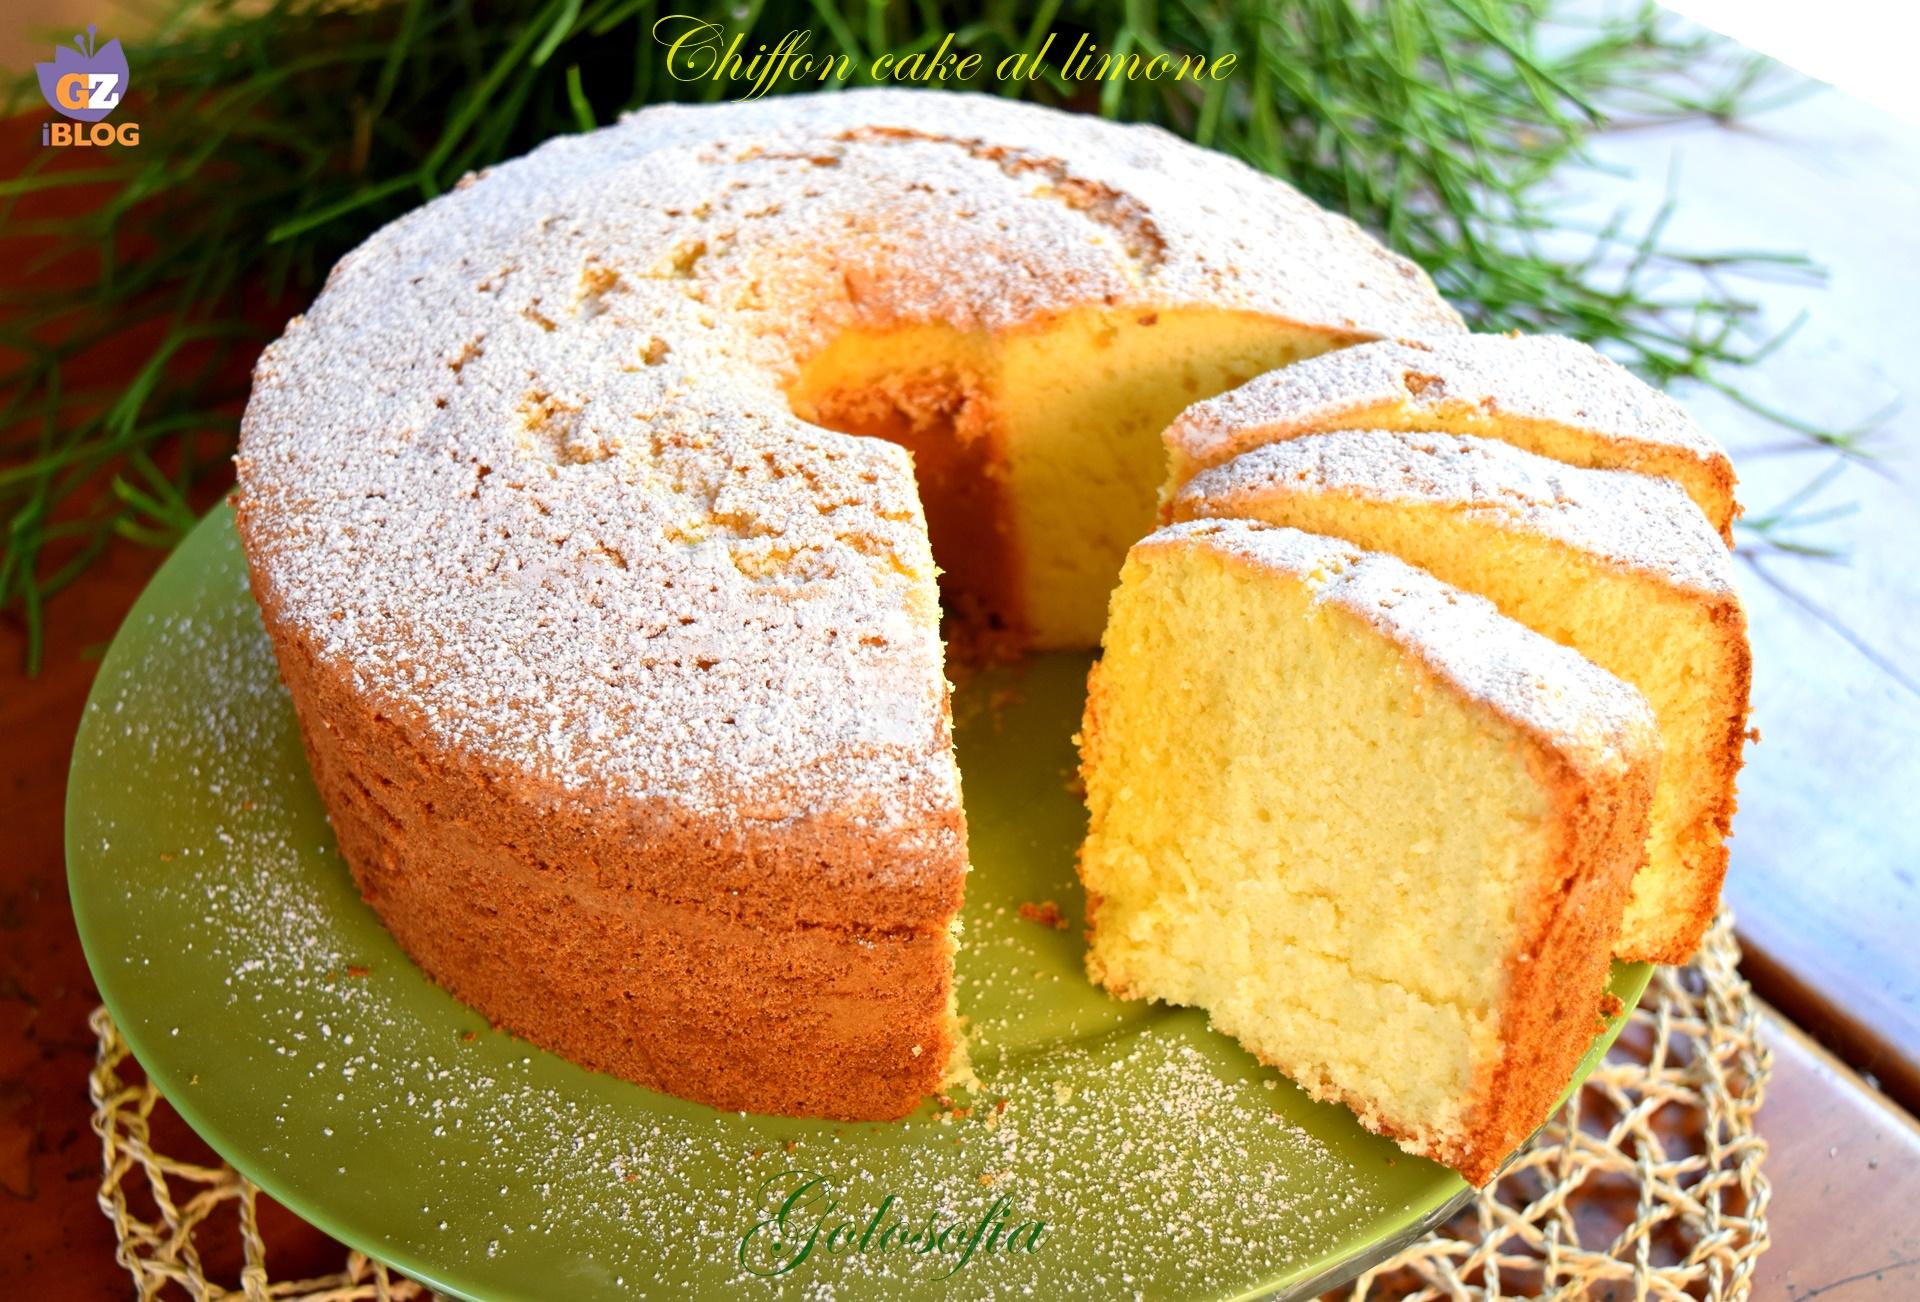 Chiffon cake al limone, ricetta sofficissima fantastica!